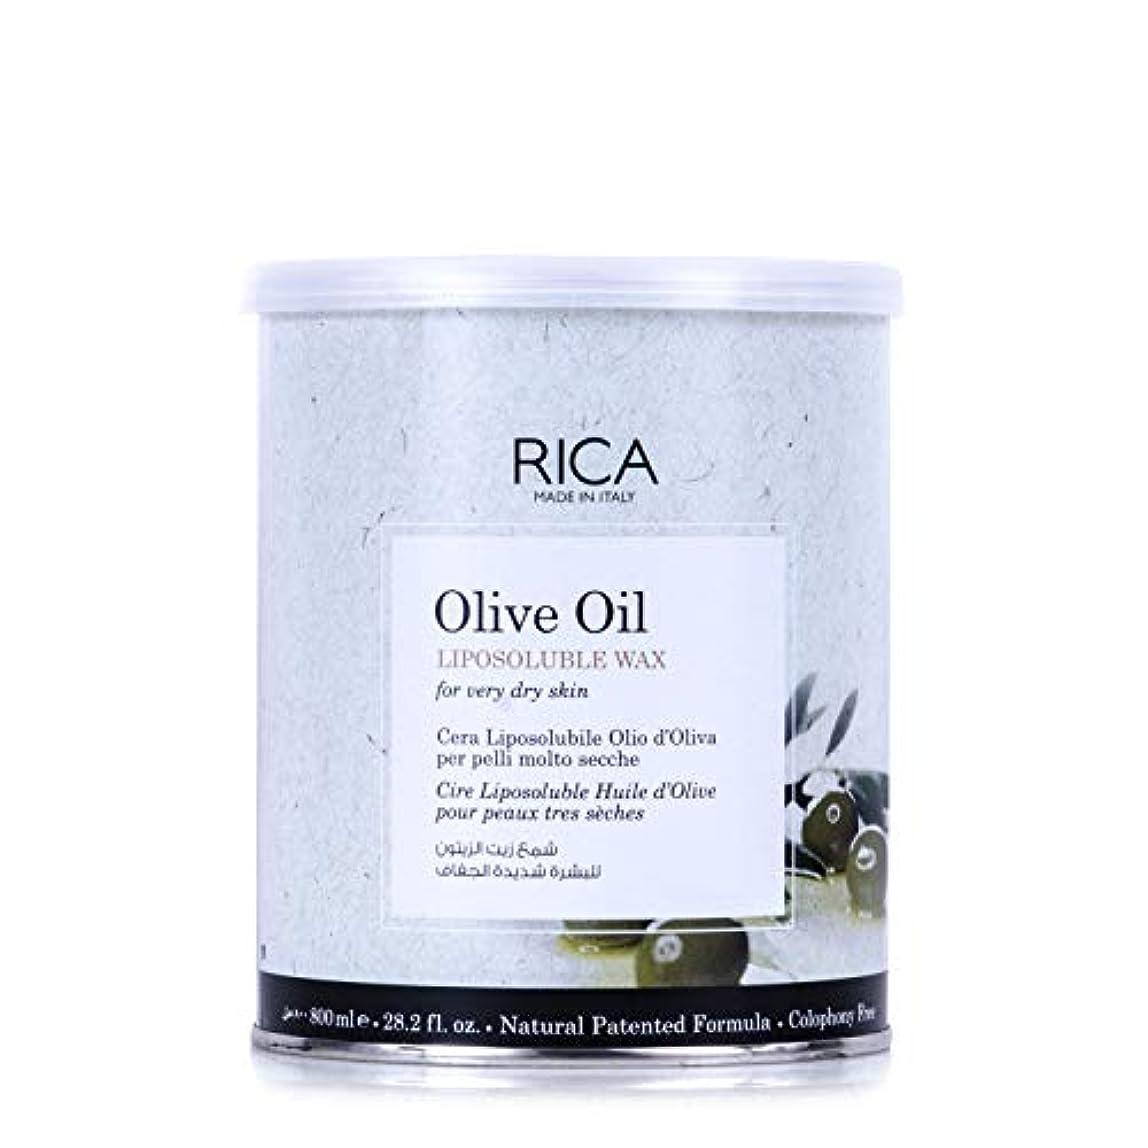 減少誰かメッシュRICA リポソルブルワックス OLO(オリーブオイル) 800mL ワックス脱毛 Olive Oil LIPOSOLUBLE WAX for very dry skin リカ